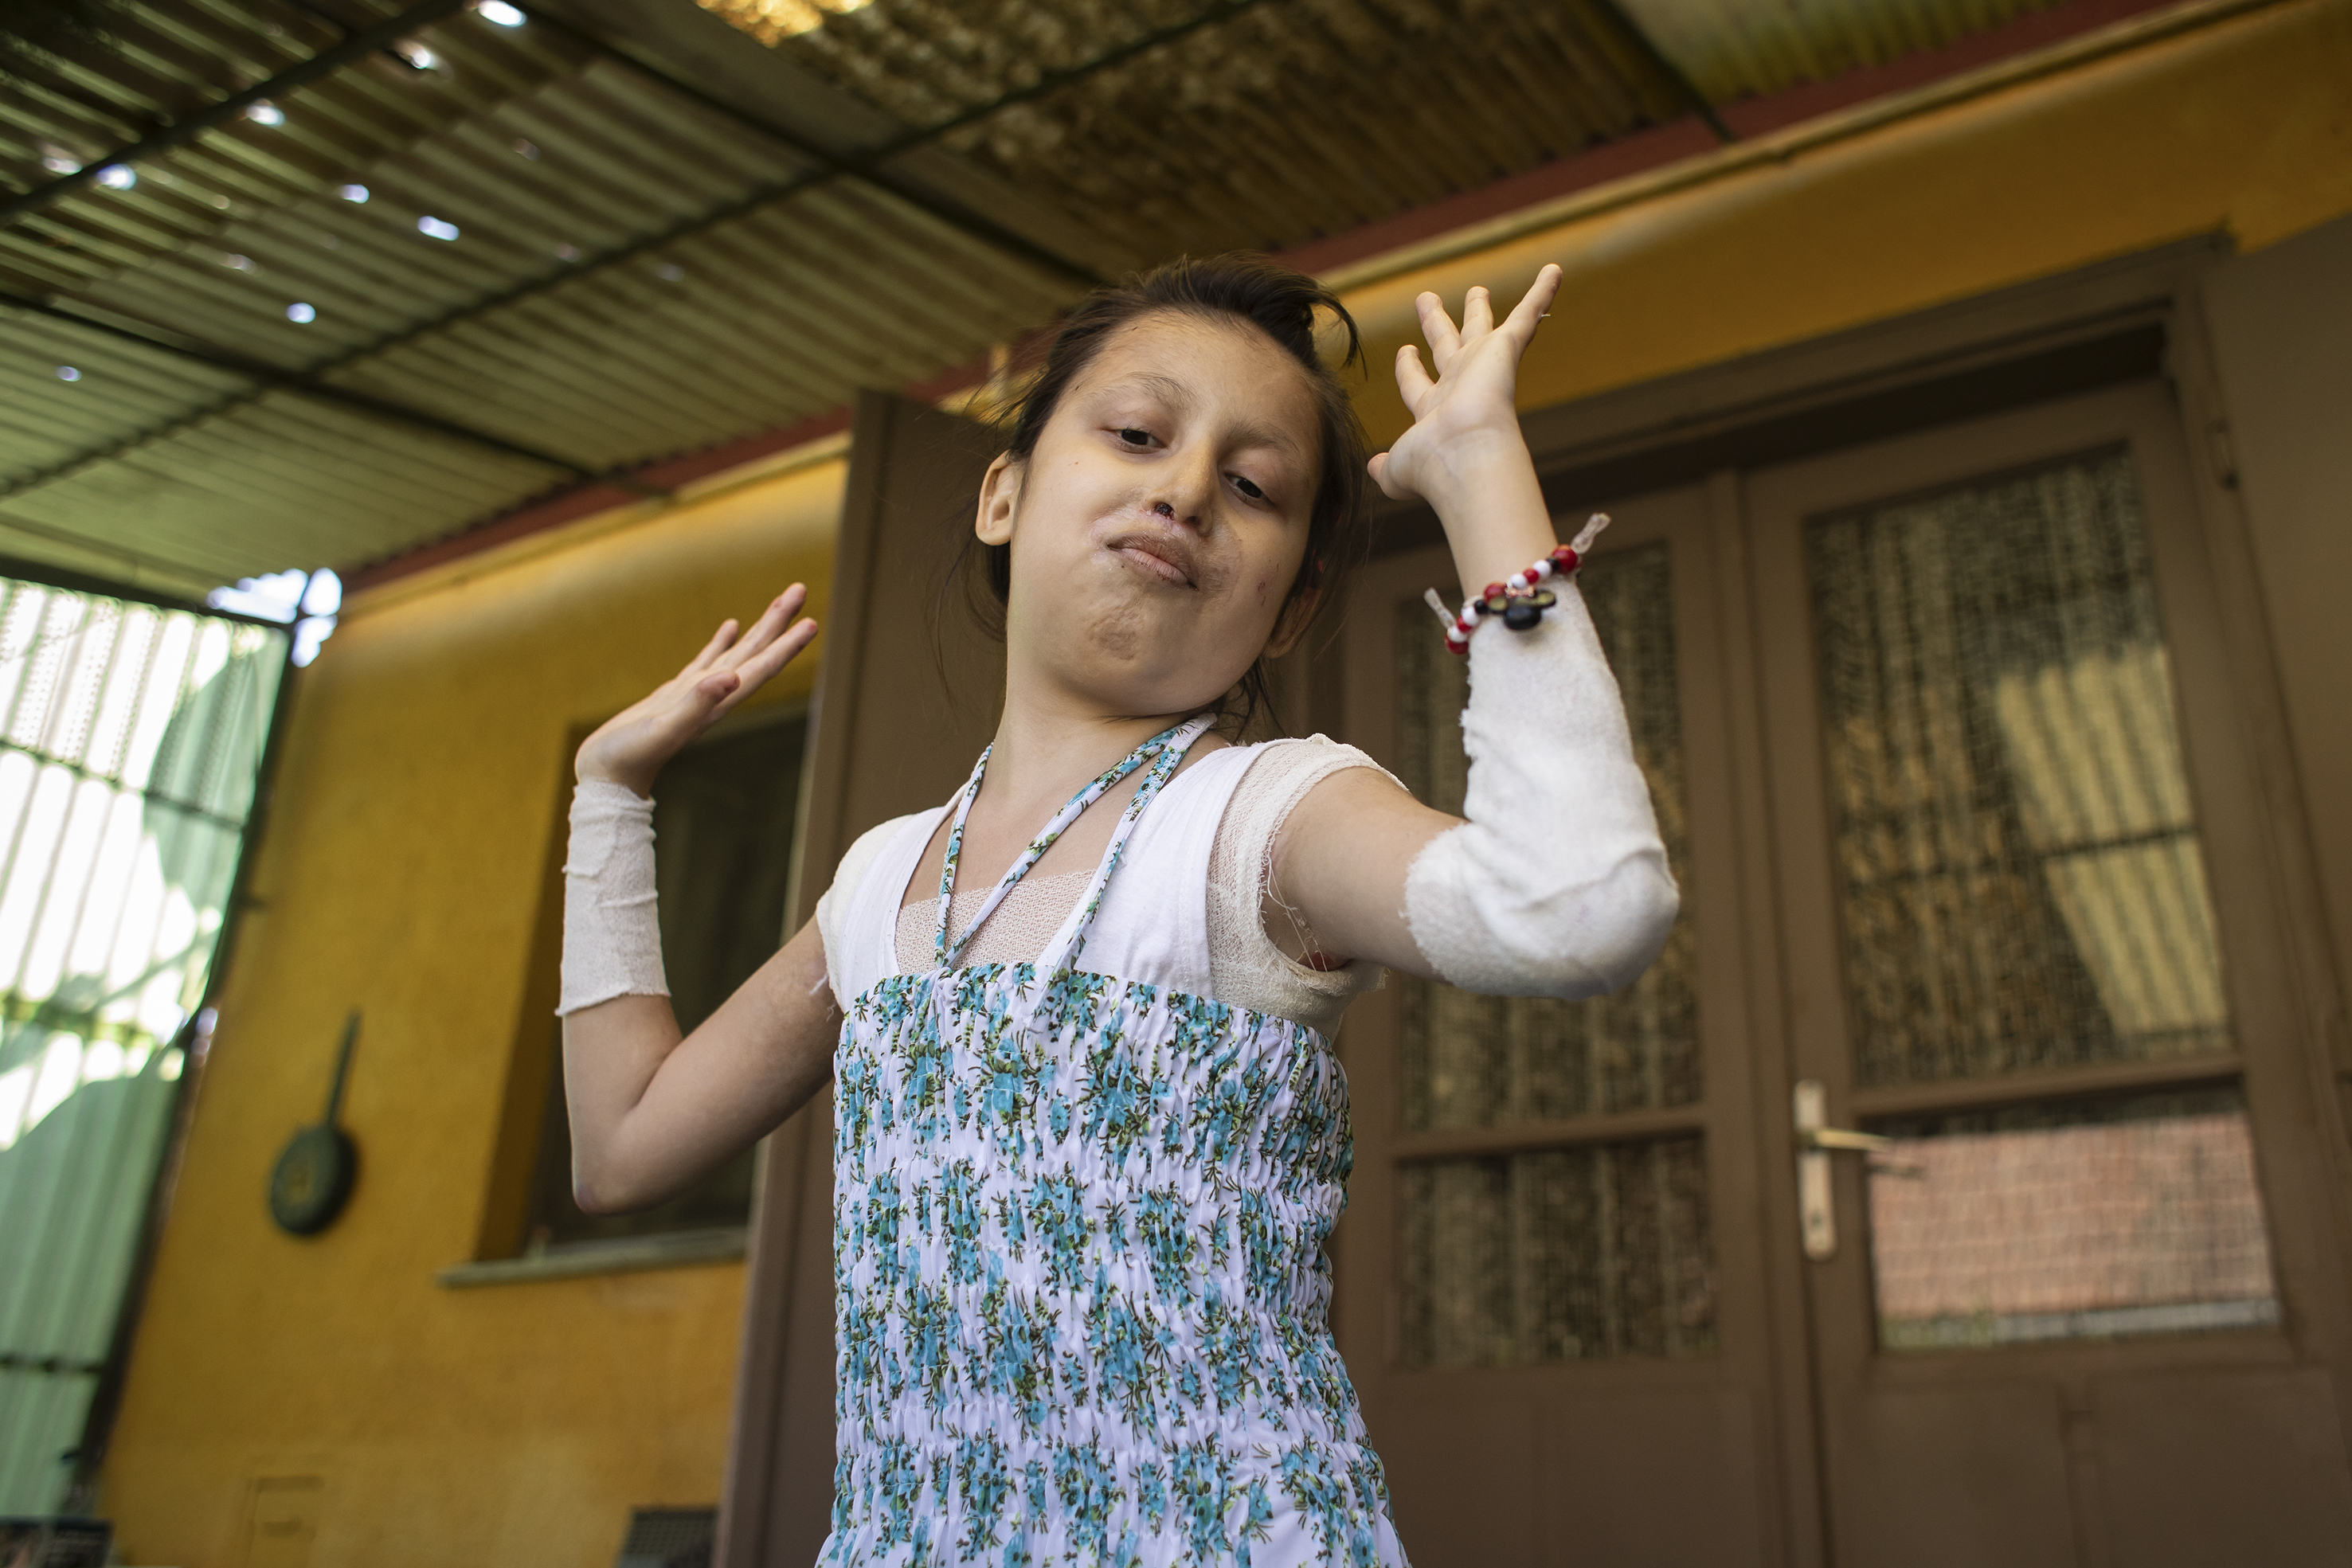 Fotó: Kovács Bea: Miranda nem tudott sokat sétálni, hamar elfáradt, de ha táncról volt szó, akkor nem létezett akadály. Születésnapján is sokszor táncra perdült.